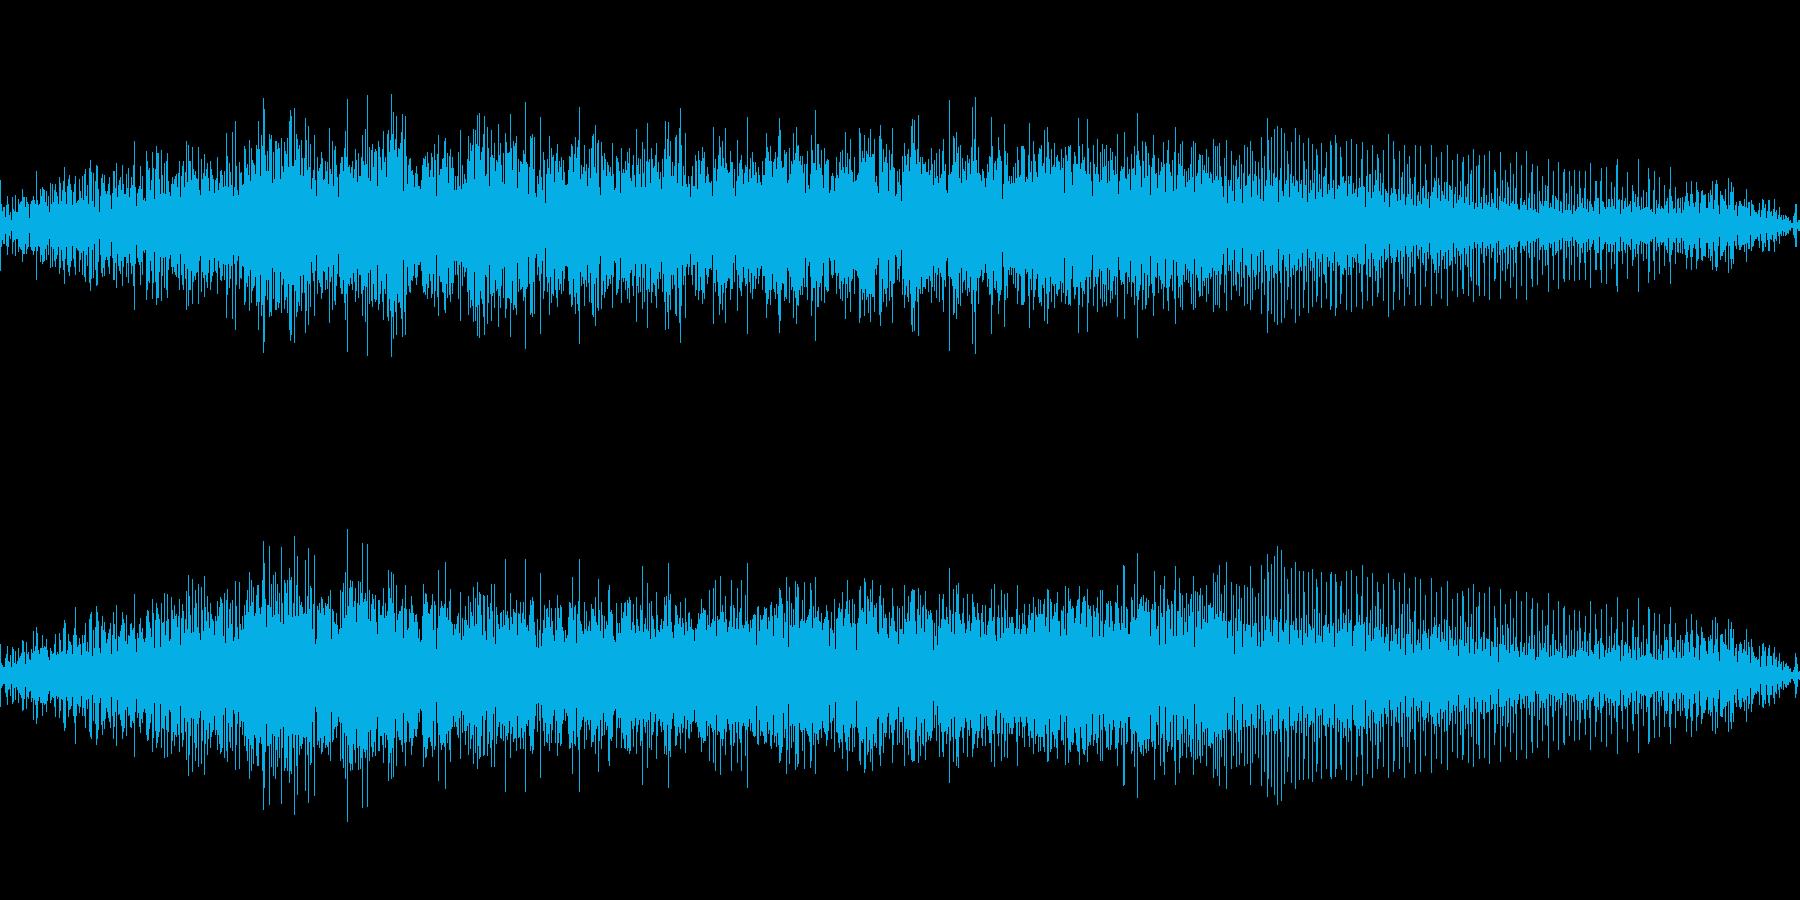 ロボットの動作音(等身大ロボット)の再生済みの波形